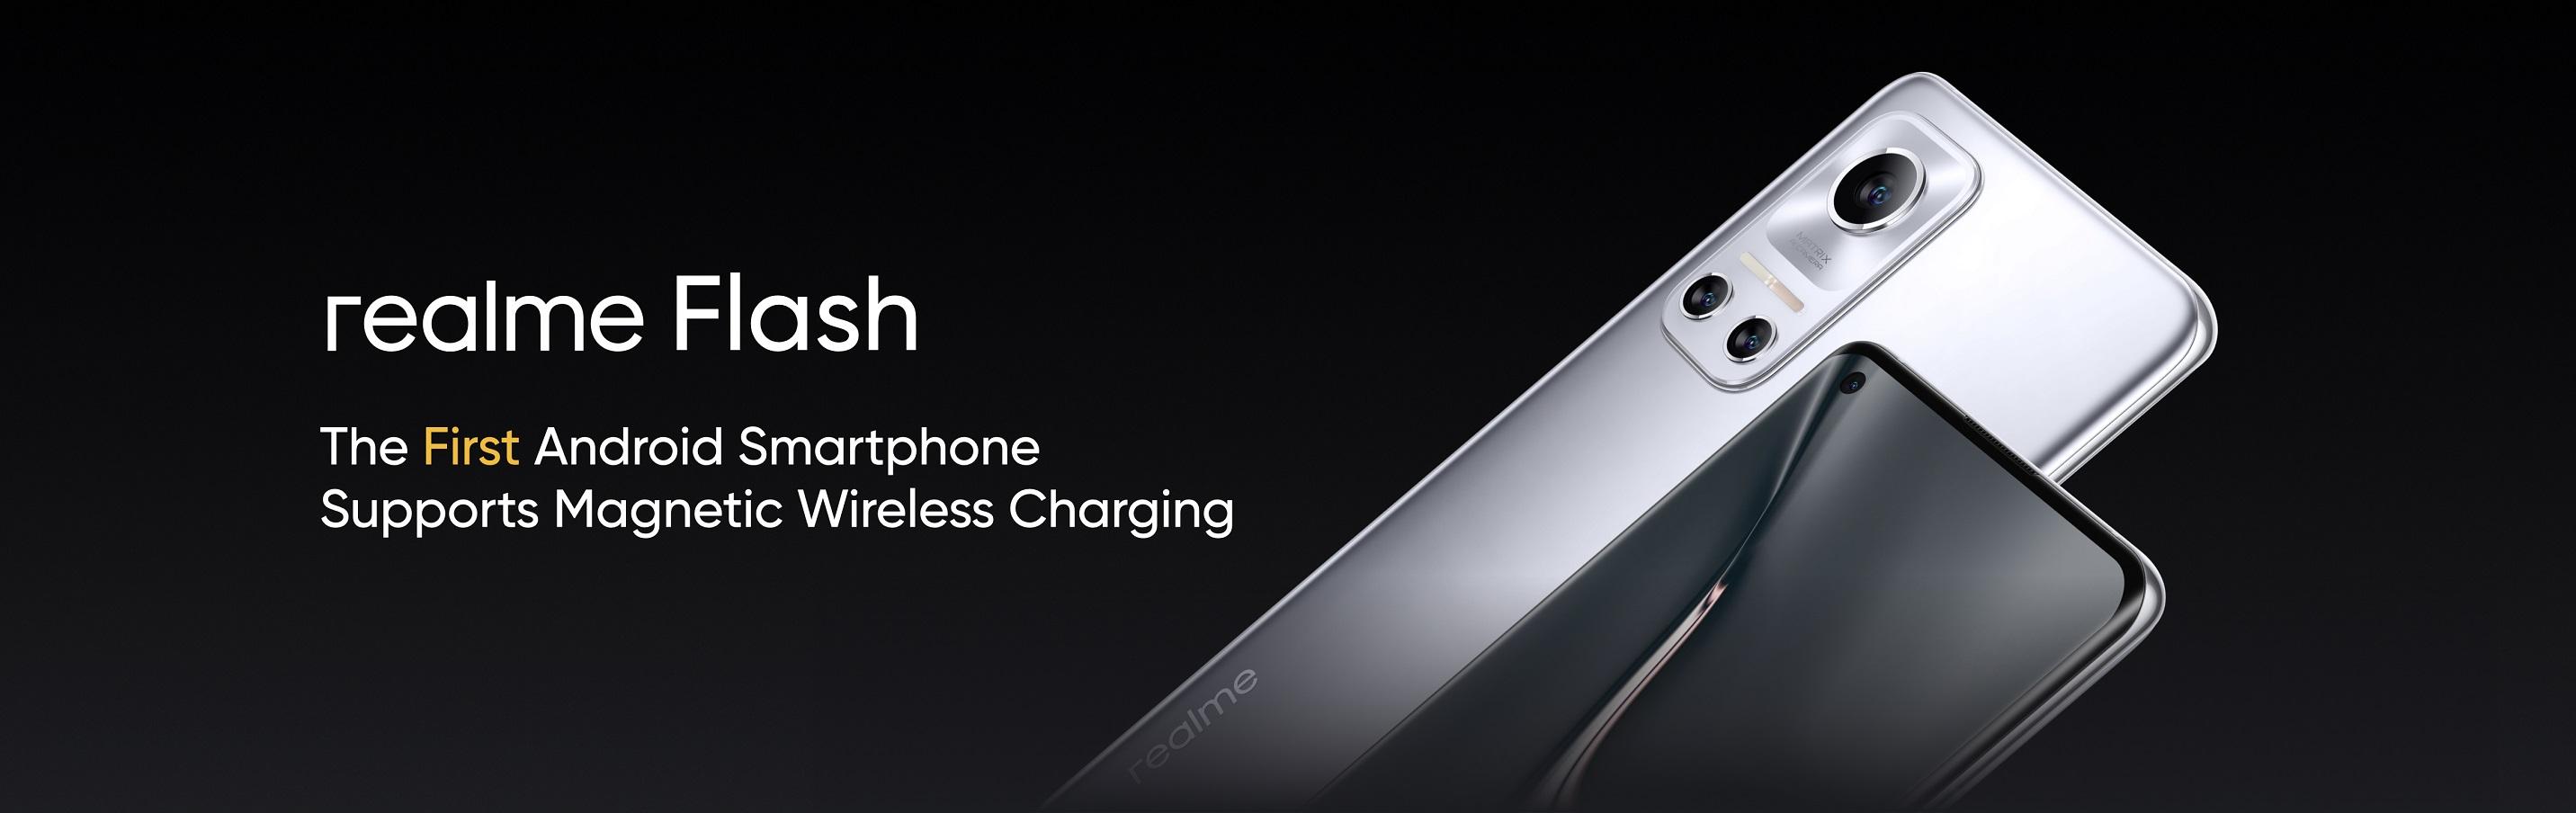 ¿Cómo han evolucionado las baterías y la forma en la que se cargan los smartphones? realme le cuenta